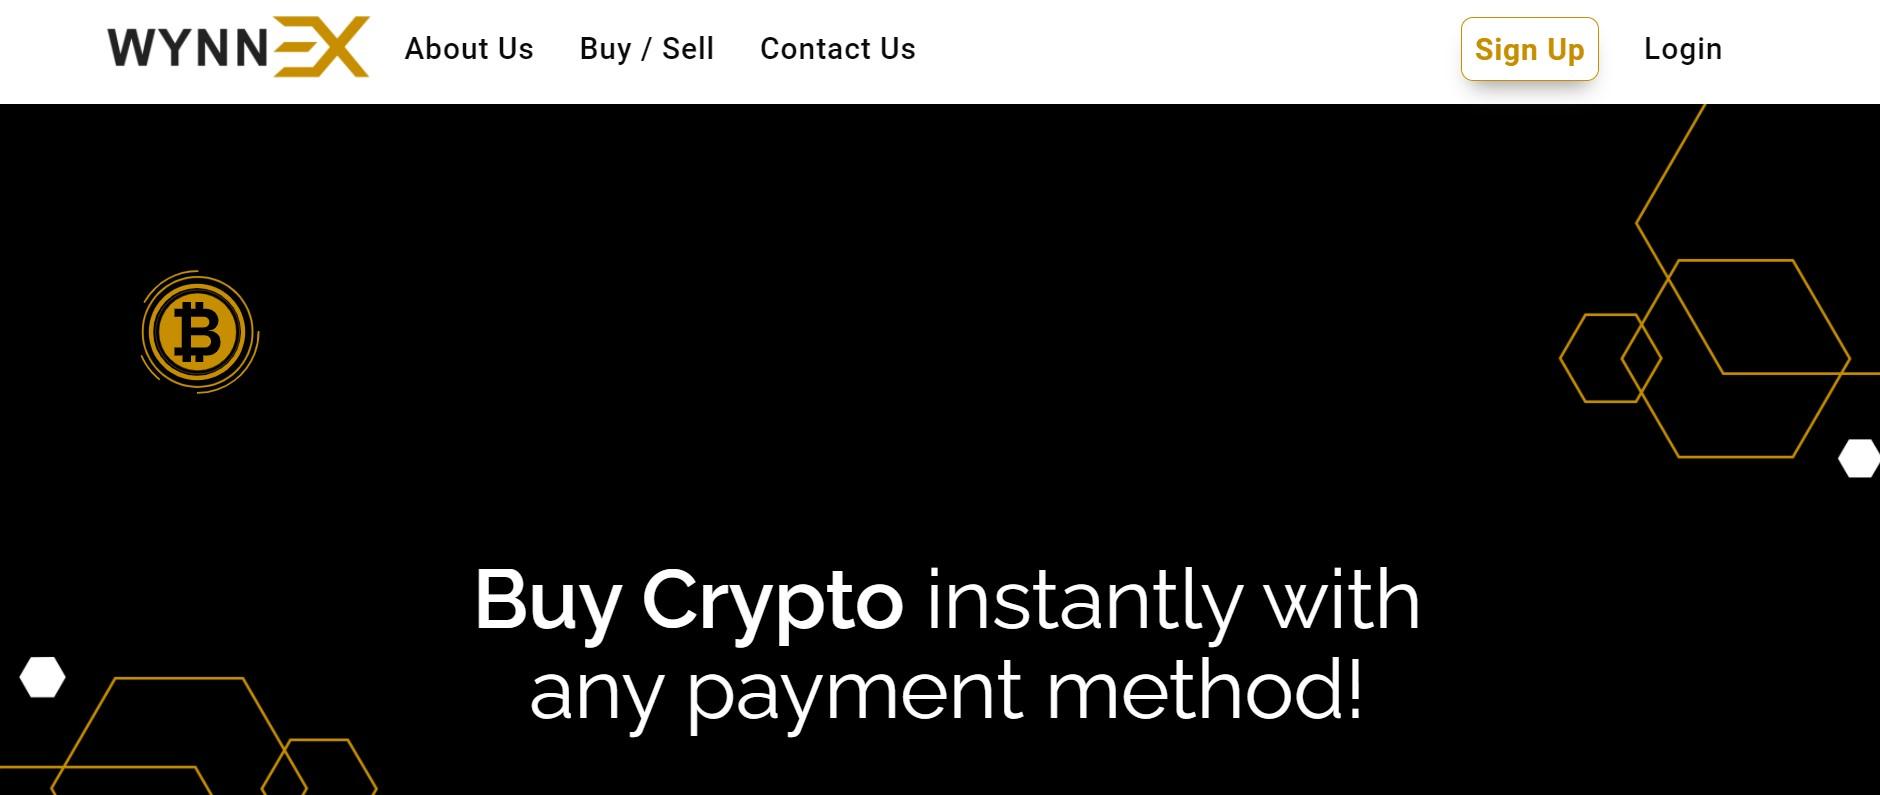 Wynn-Ex website